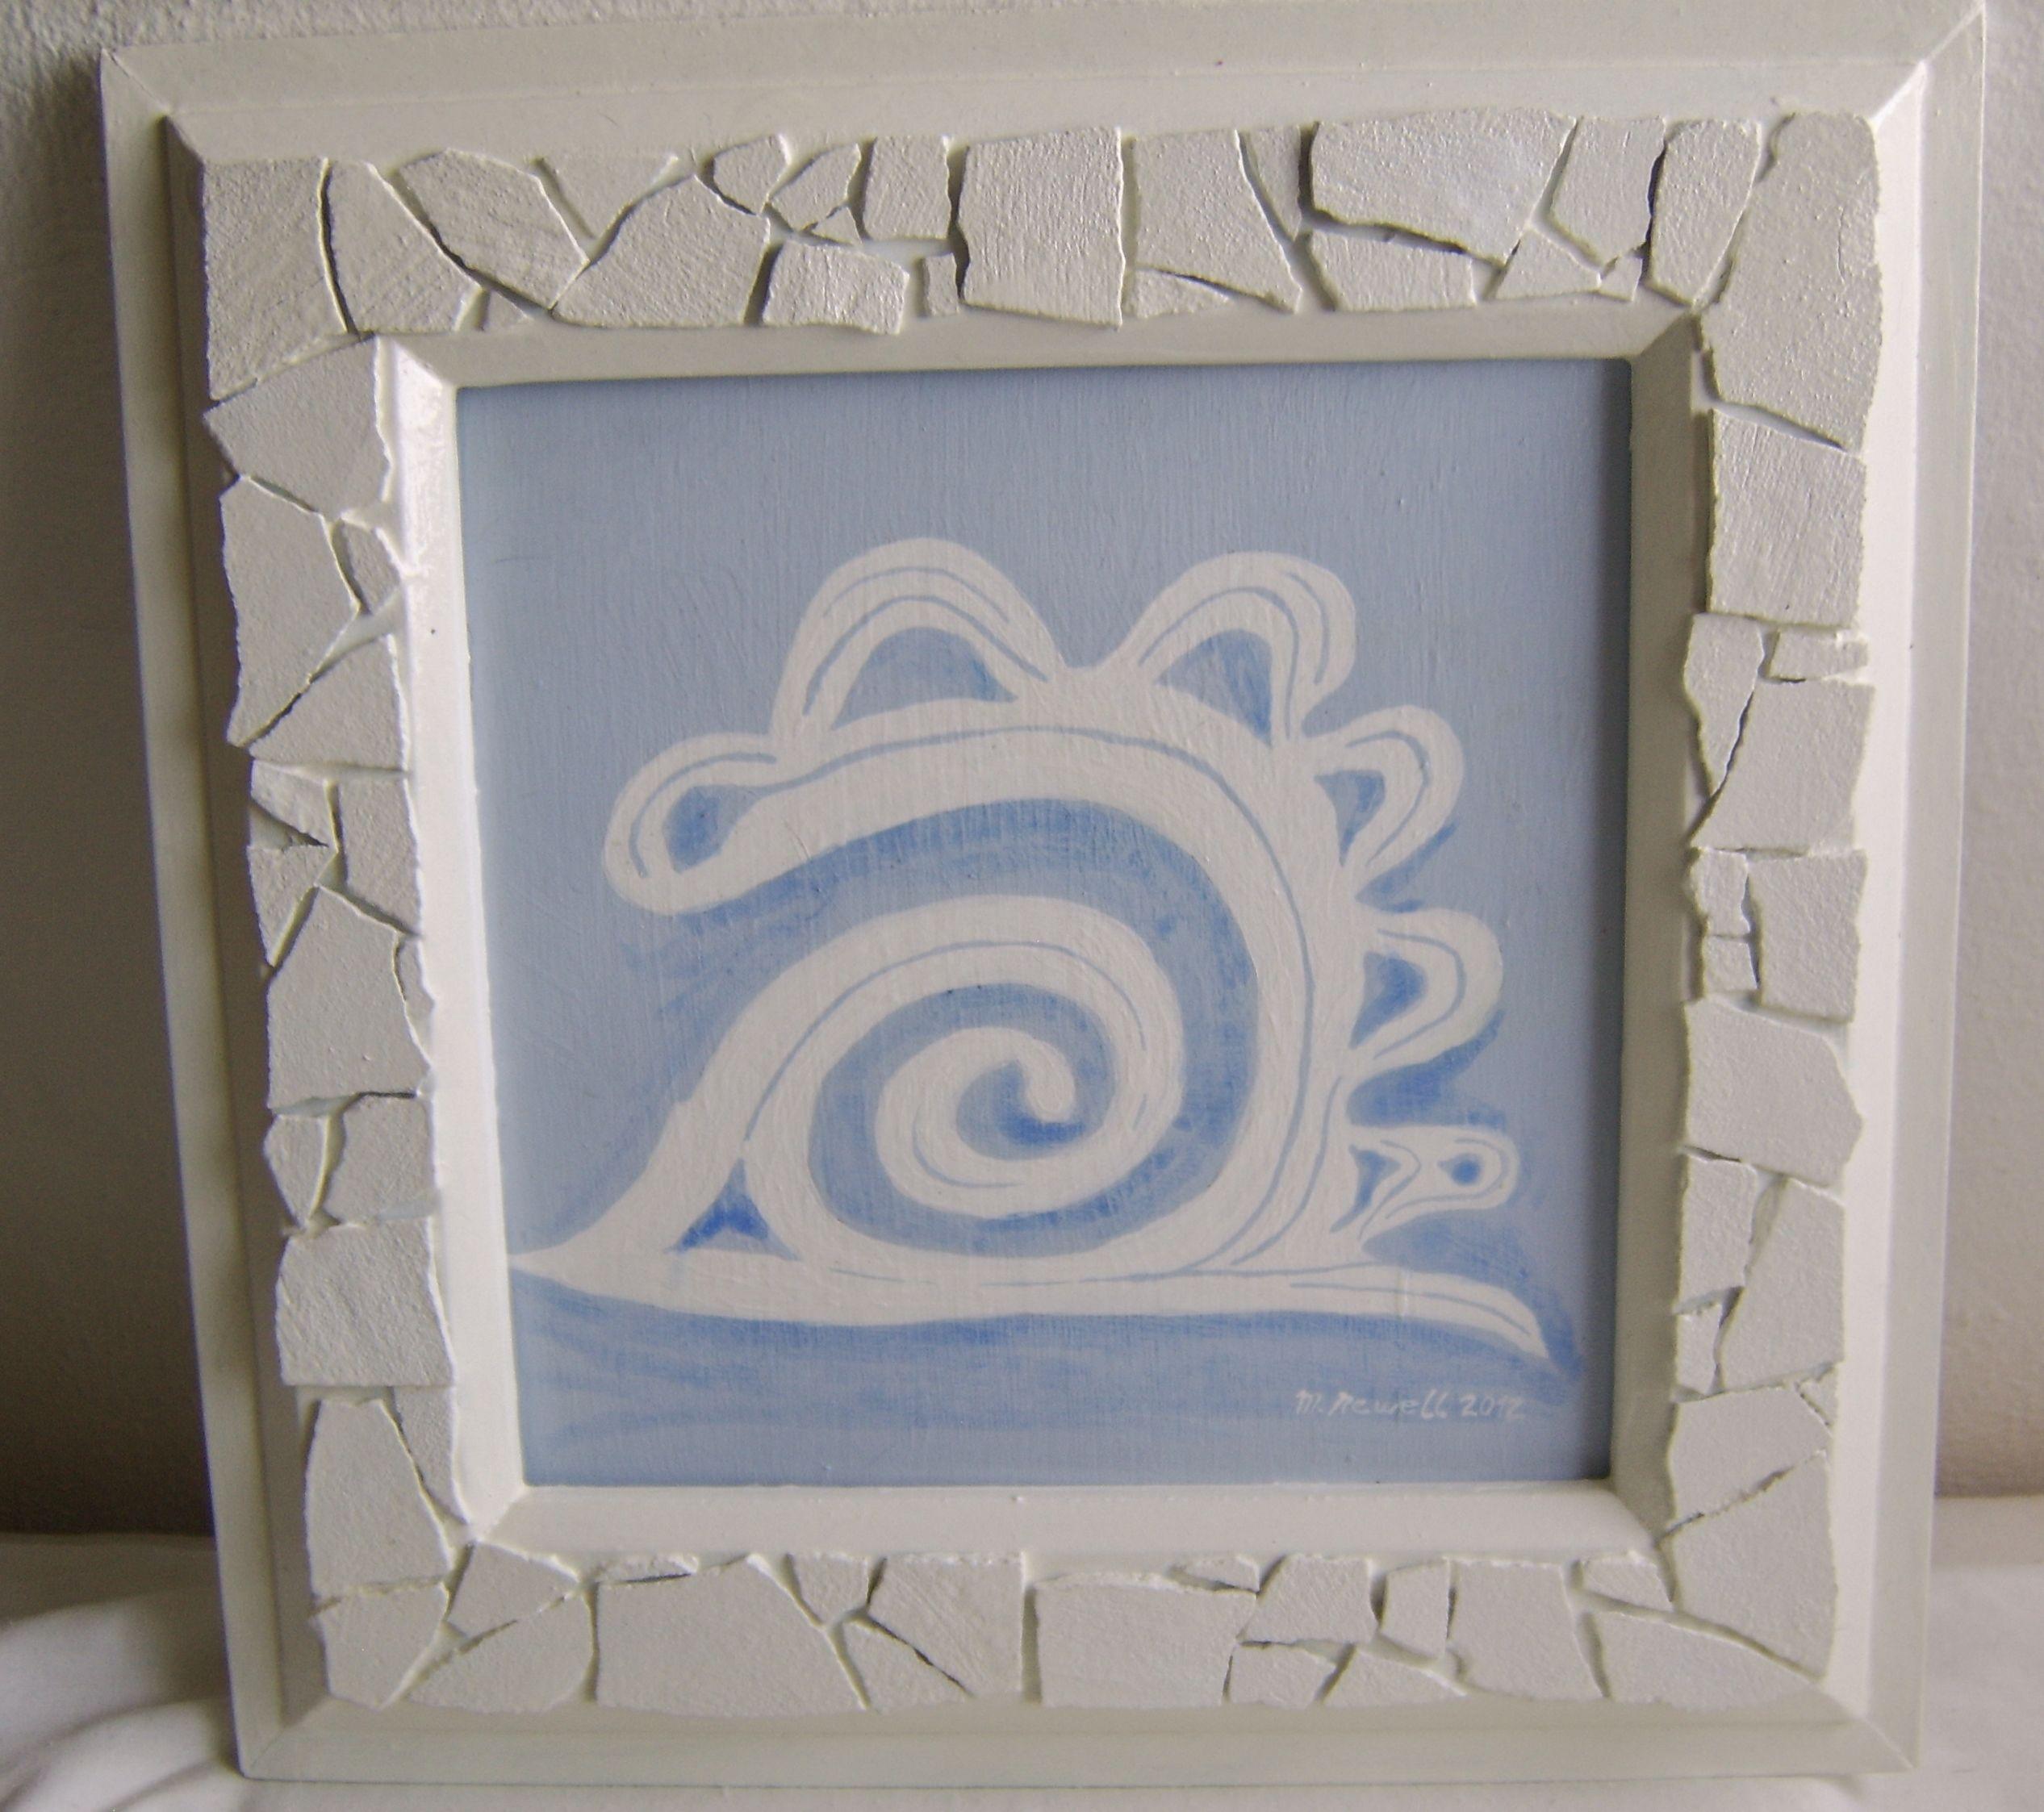 cuadro pintado con marco con relieve   MARCOS   Pinterest   Cuadros ...